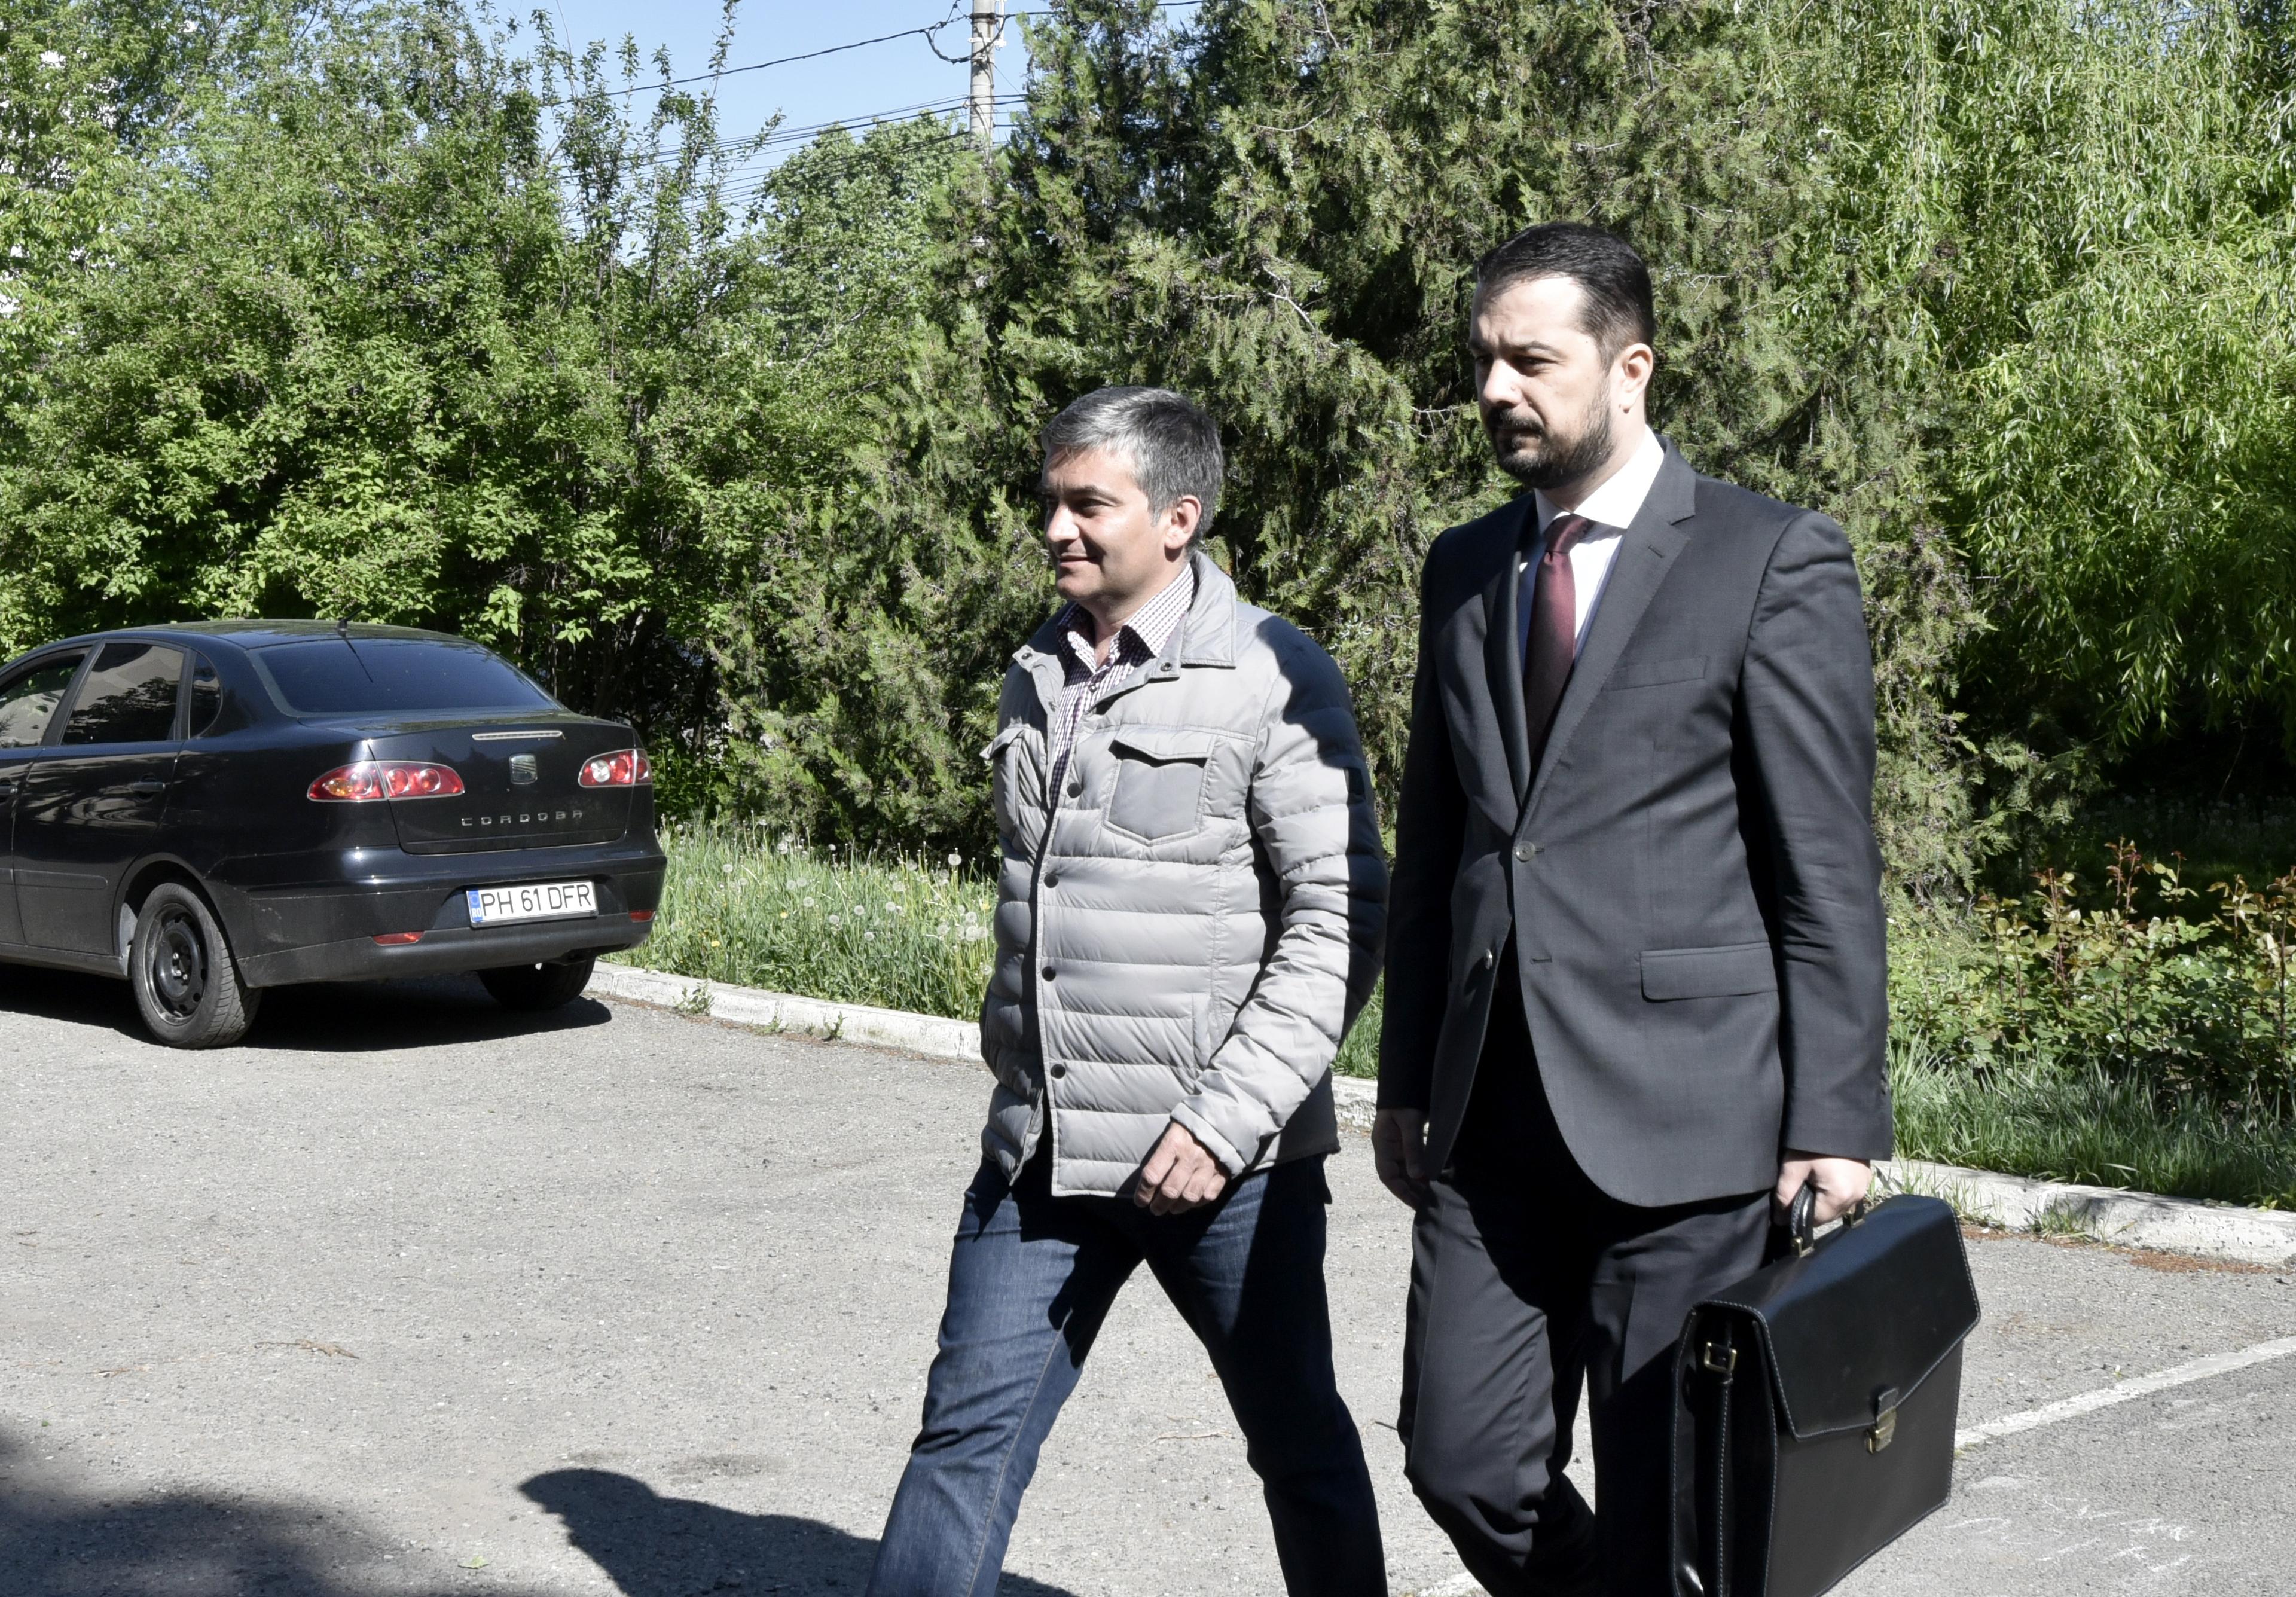 Primarul orasului Sinaia, Vlad Oprea, trimis in judecata pentru abuz in serviciu